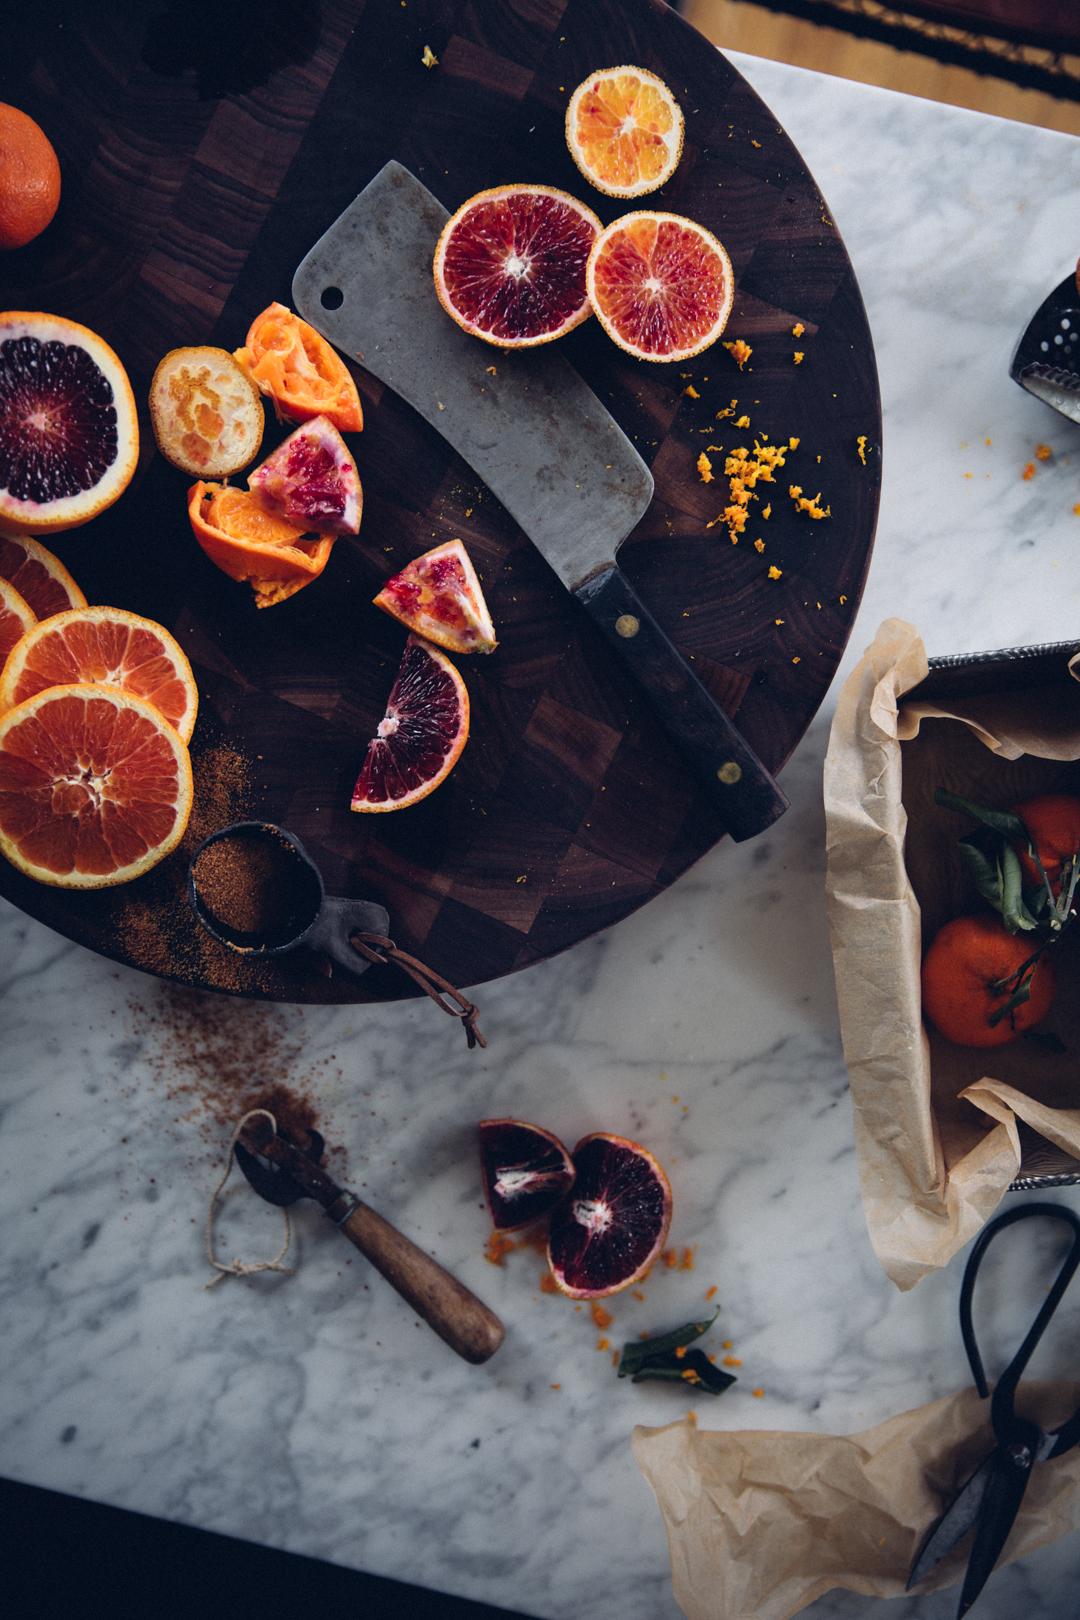 Blood oranges on cutting board.